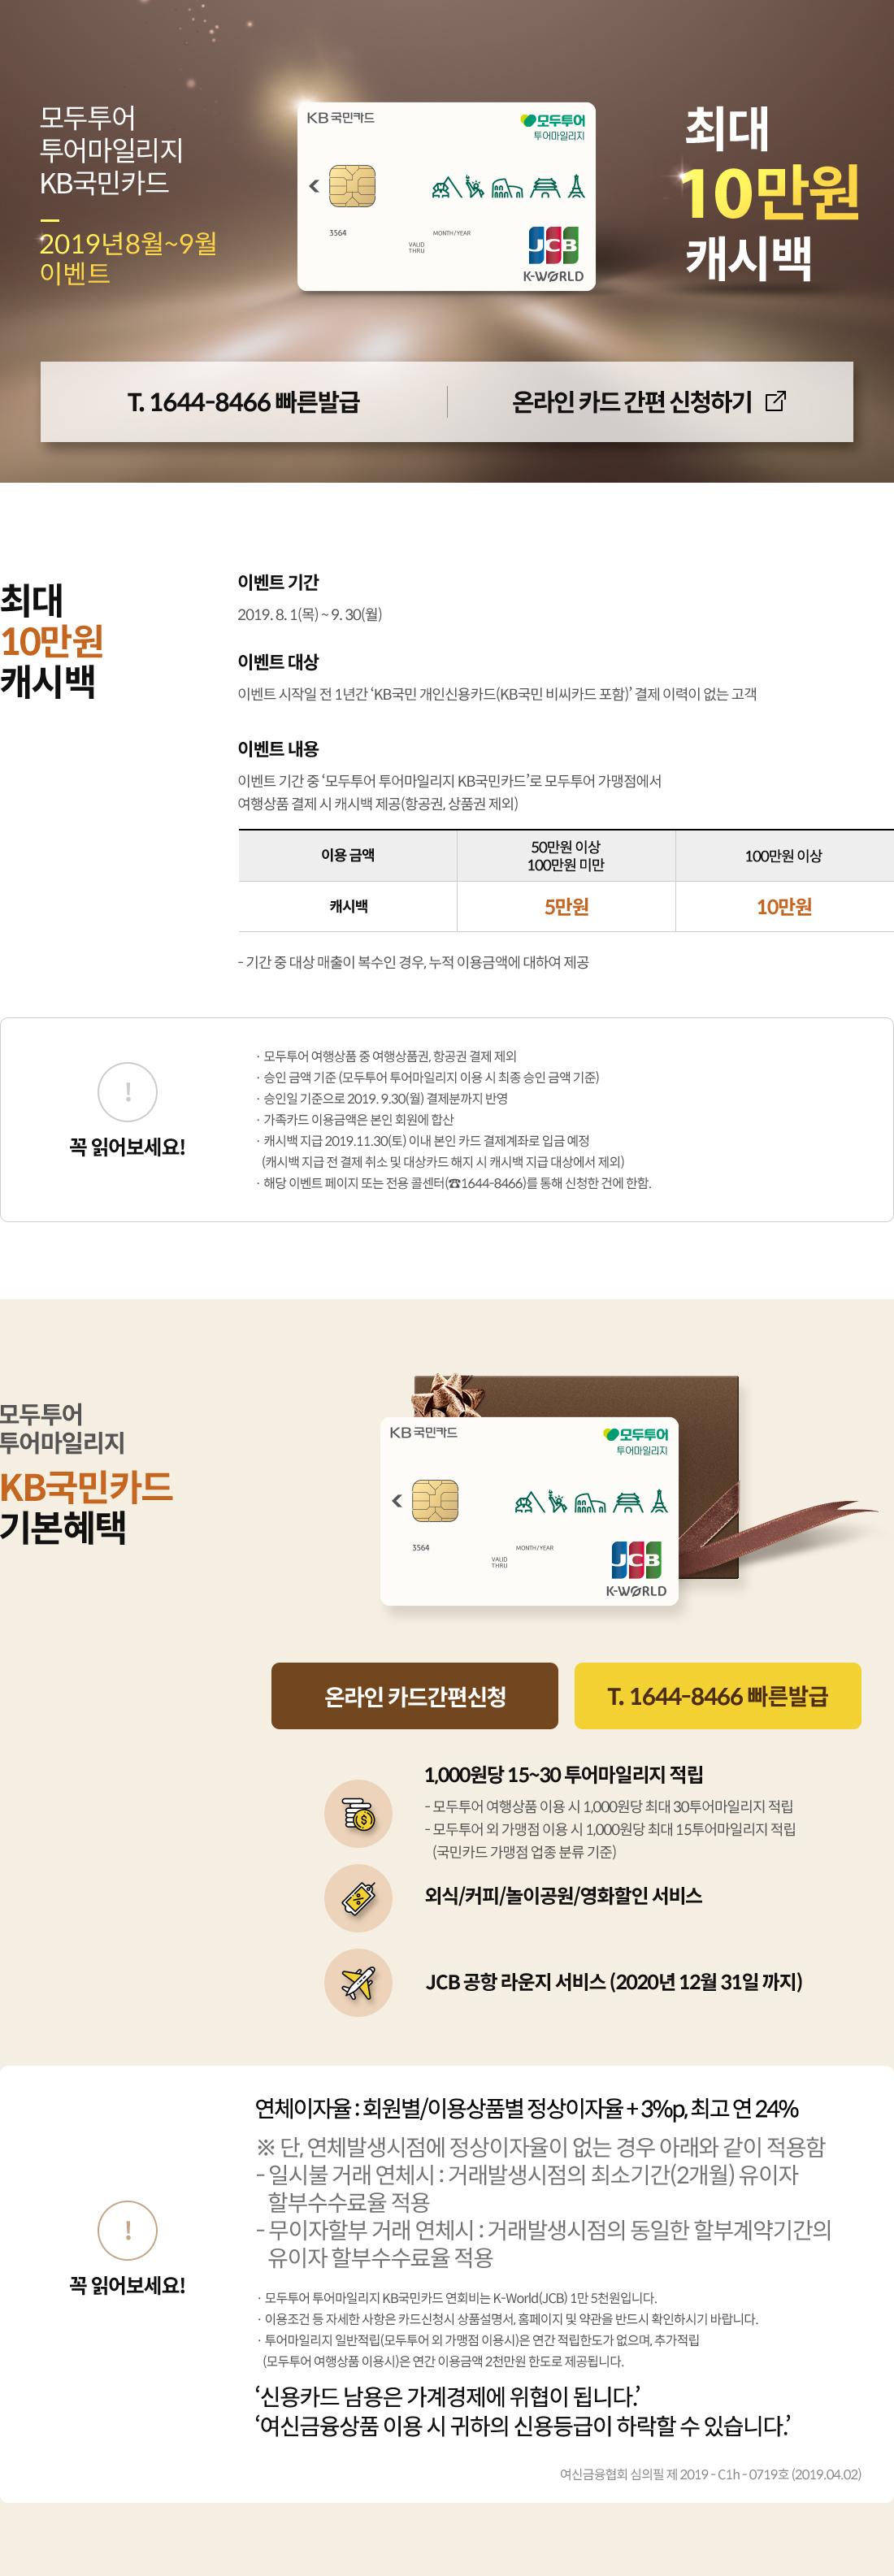 모두투어 투어마일리지 KB국민카드 최대 21만원 캐시백